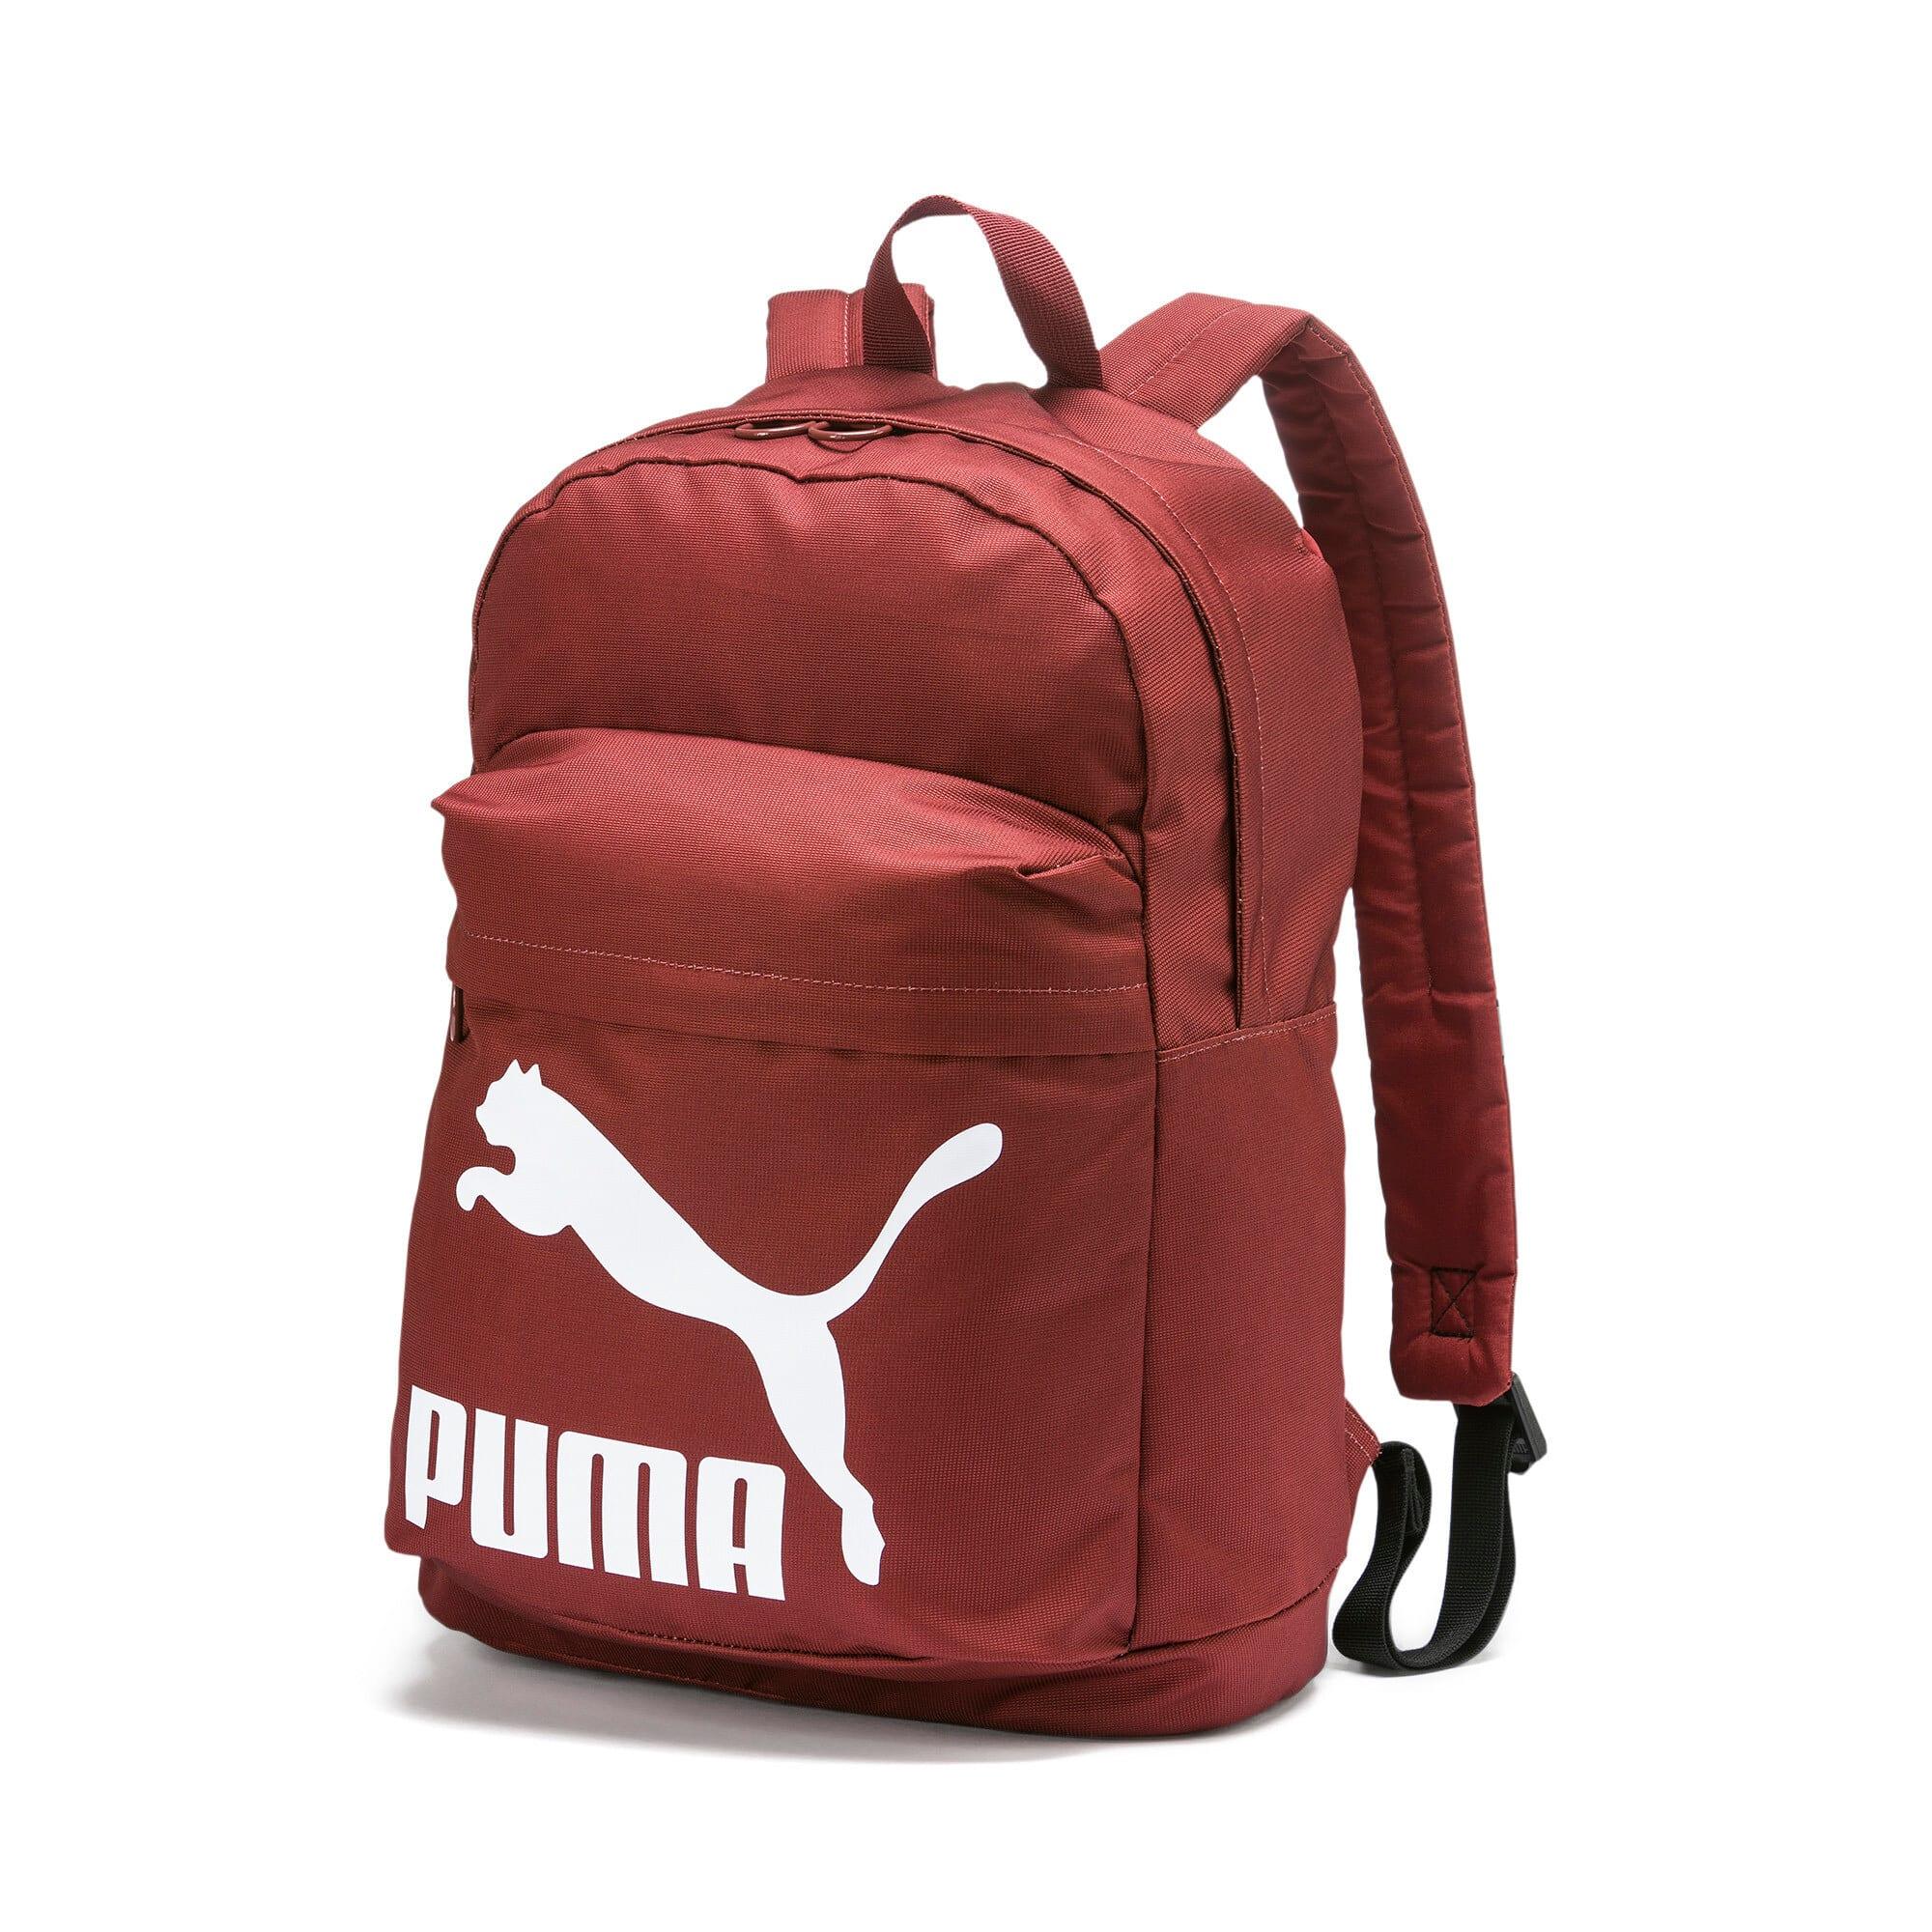 Originals Backpack, Rood | PUMA